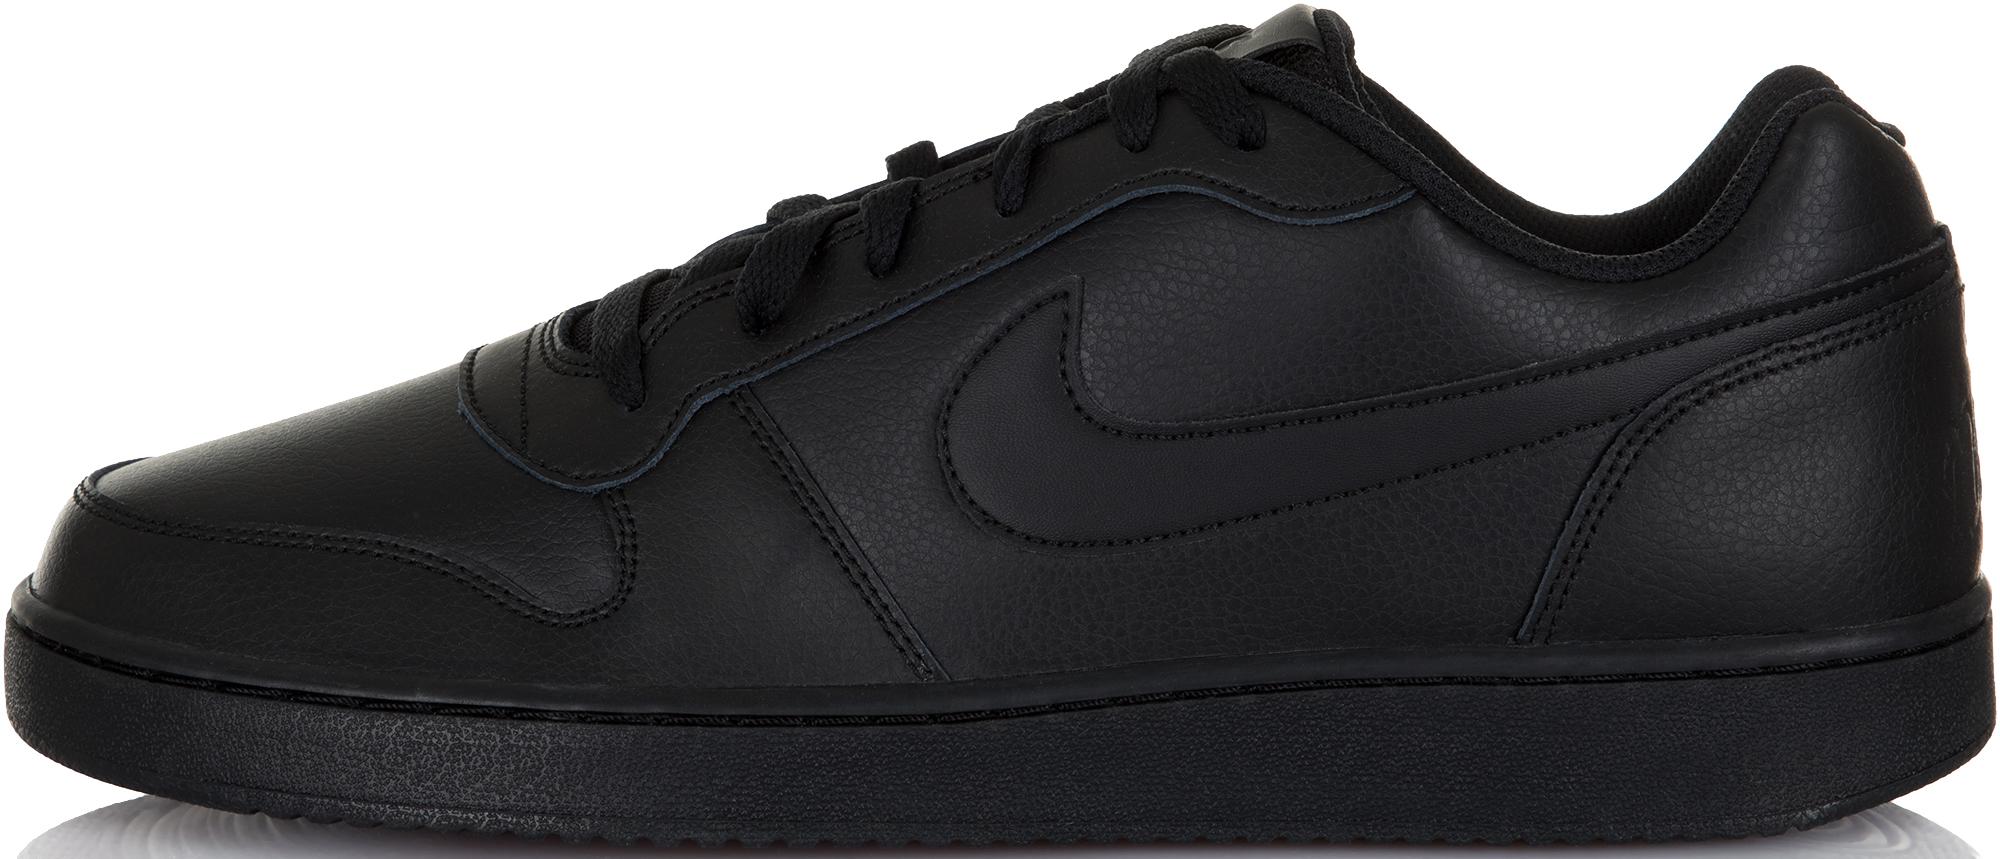 все цены на Nike Кеды мужские Nike Ebernon Low, размер 46,5 онлайн